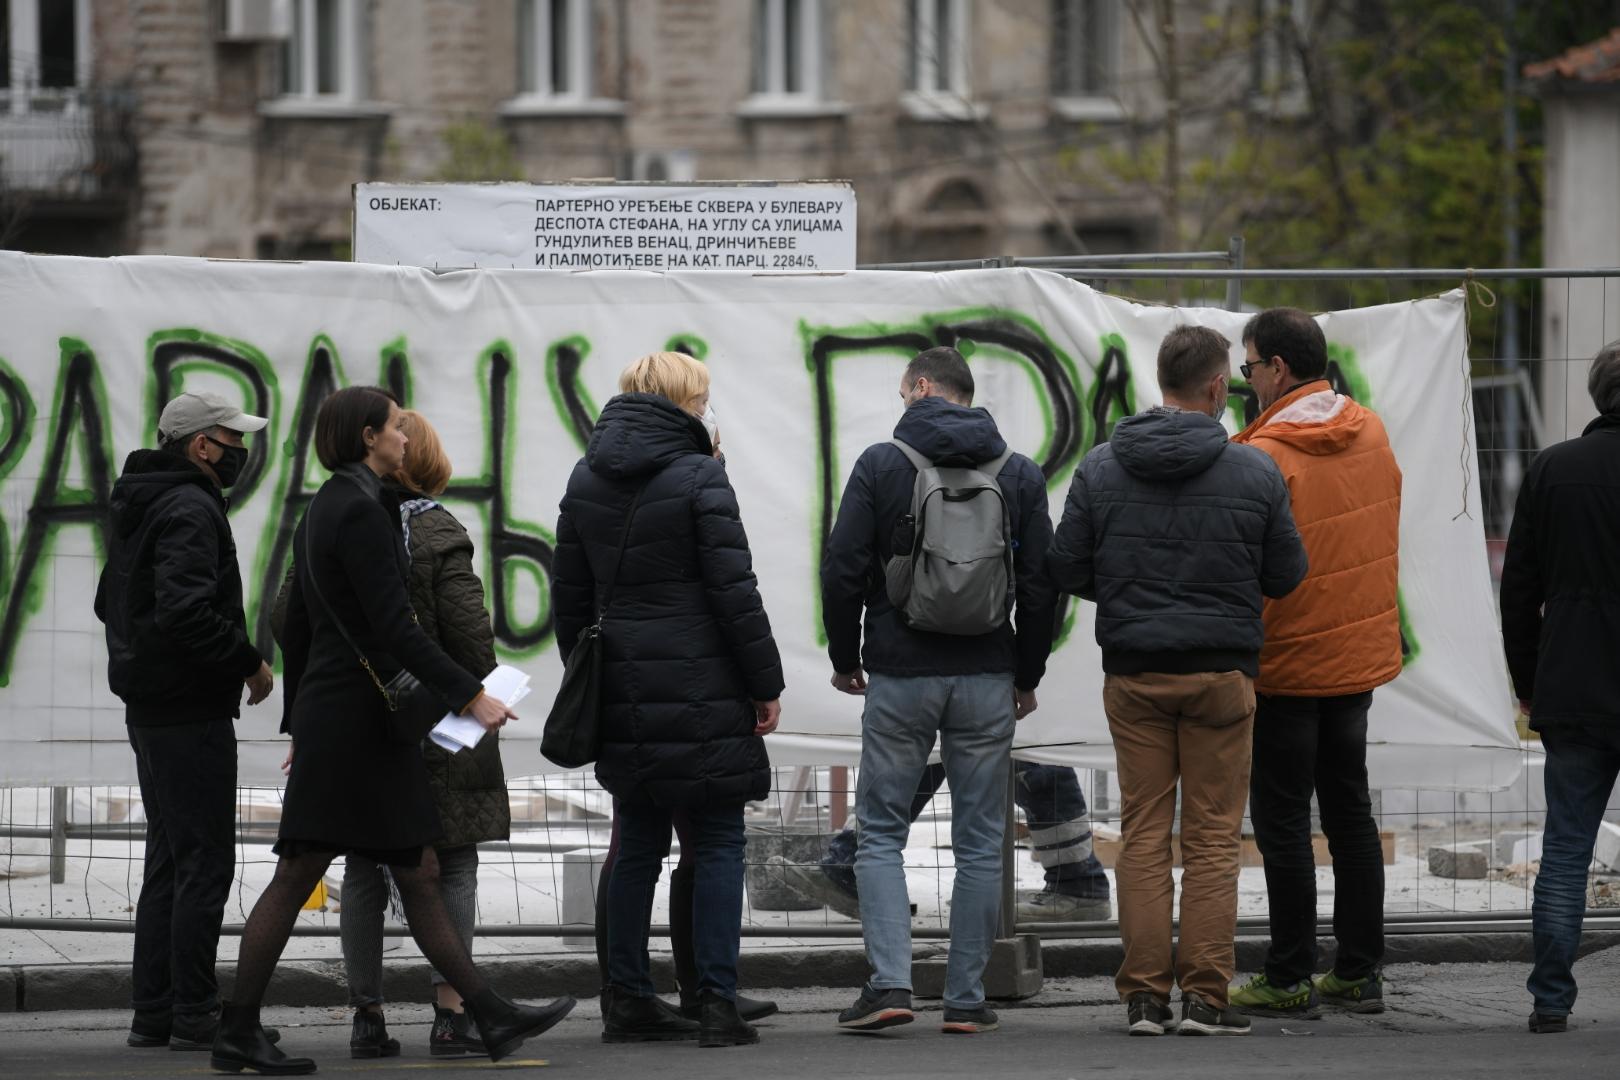 Despota Stefana, ulica, radovi, protest, Ne davimo Beograd